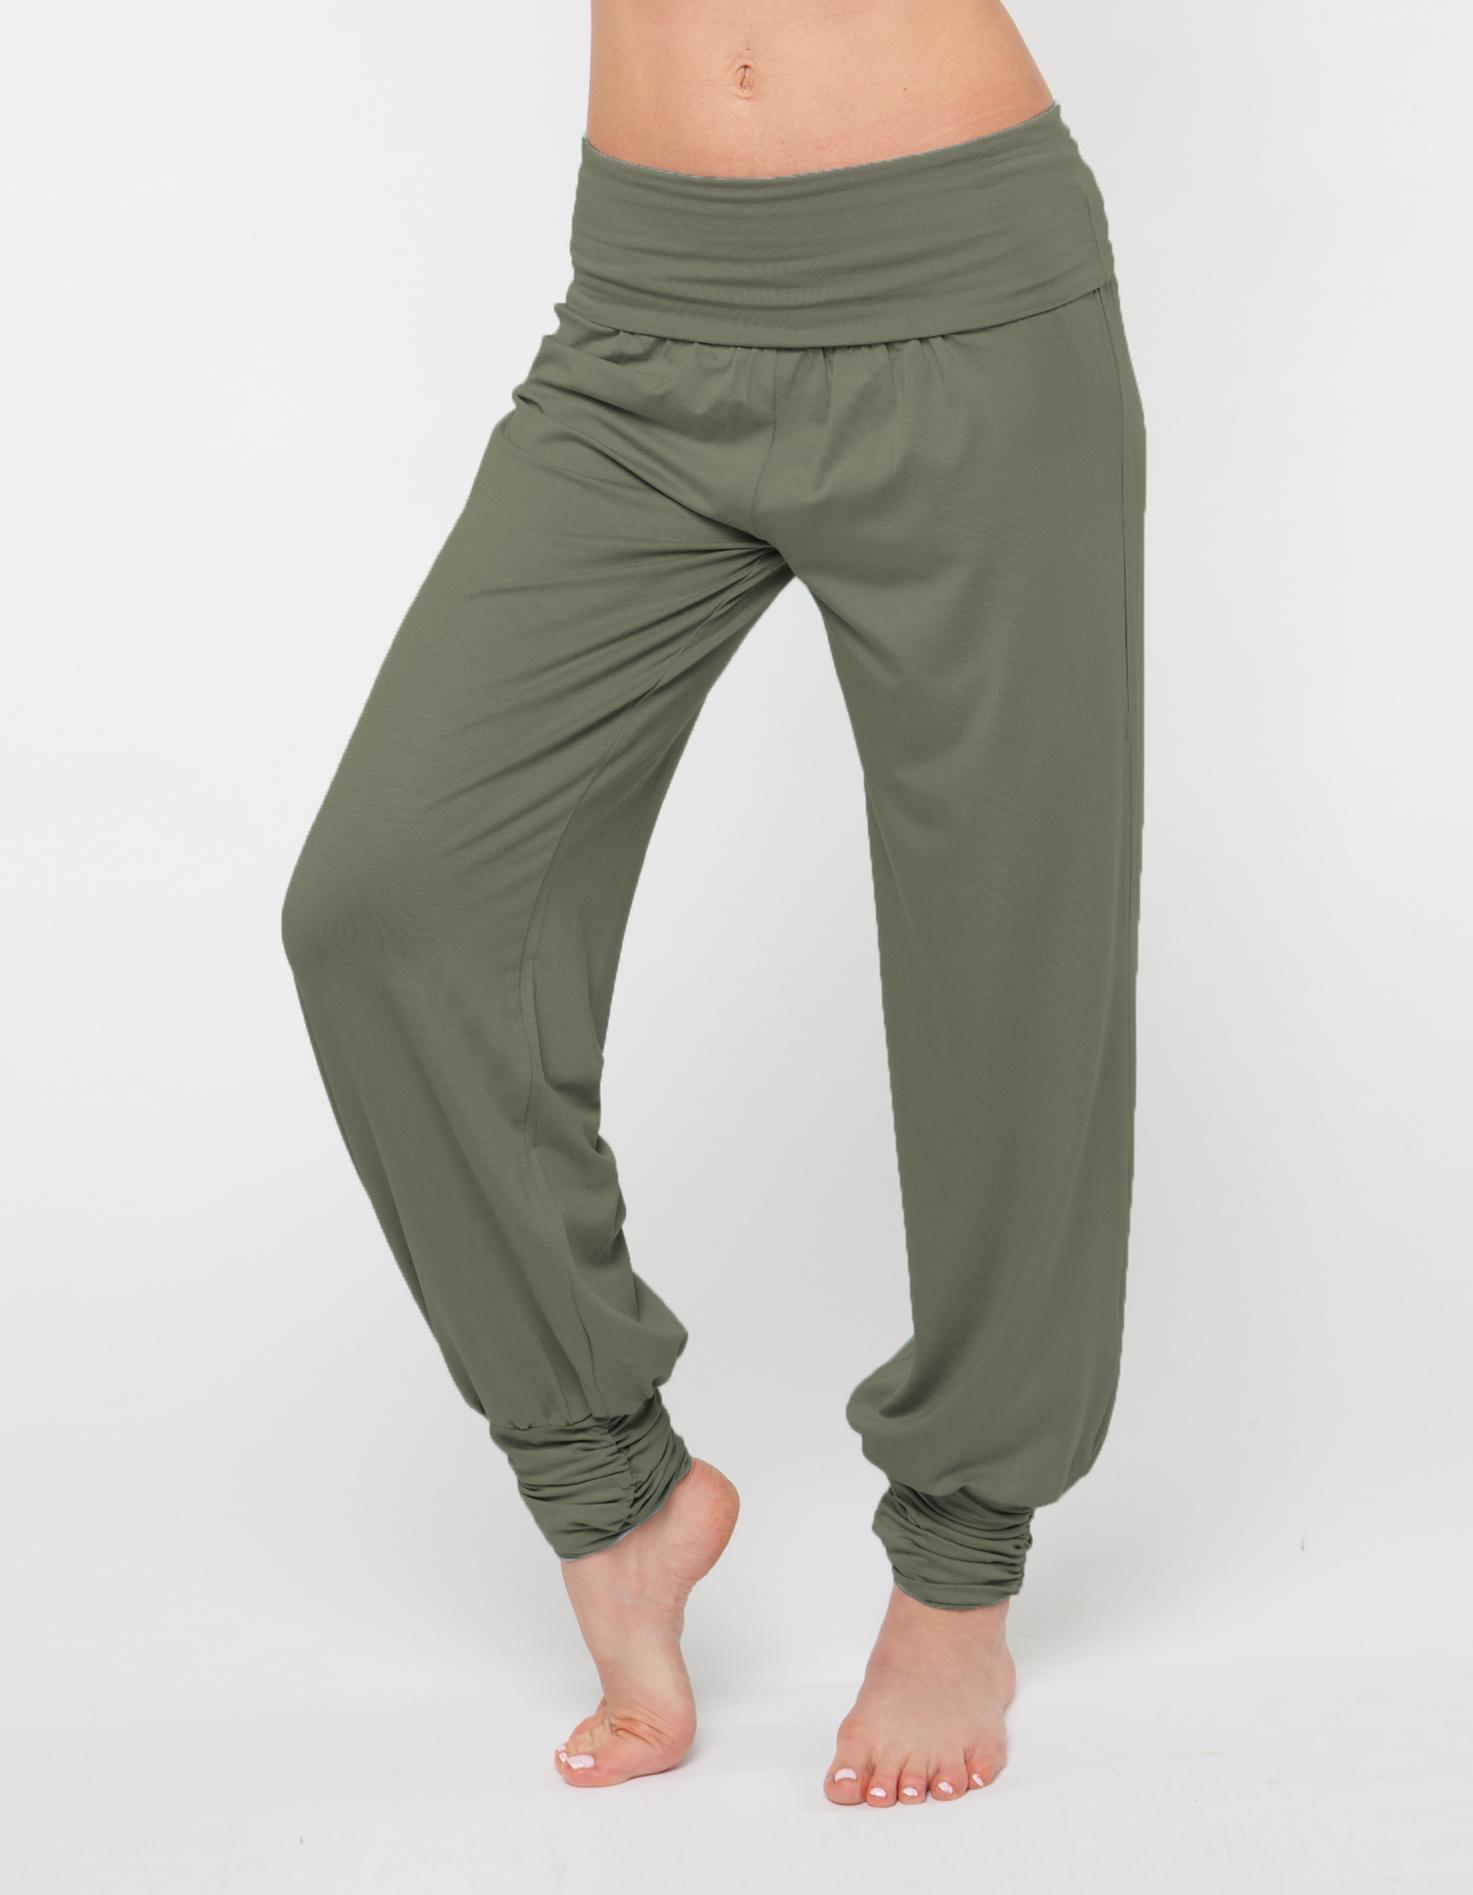 Штаны- гаремы длинные YogaDress (0,3 кг, S (42-44), зеленый/оливковый) цена